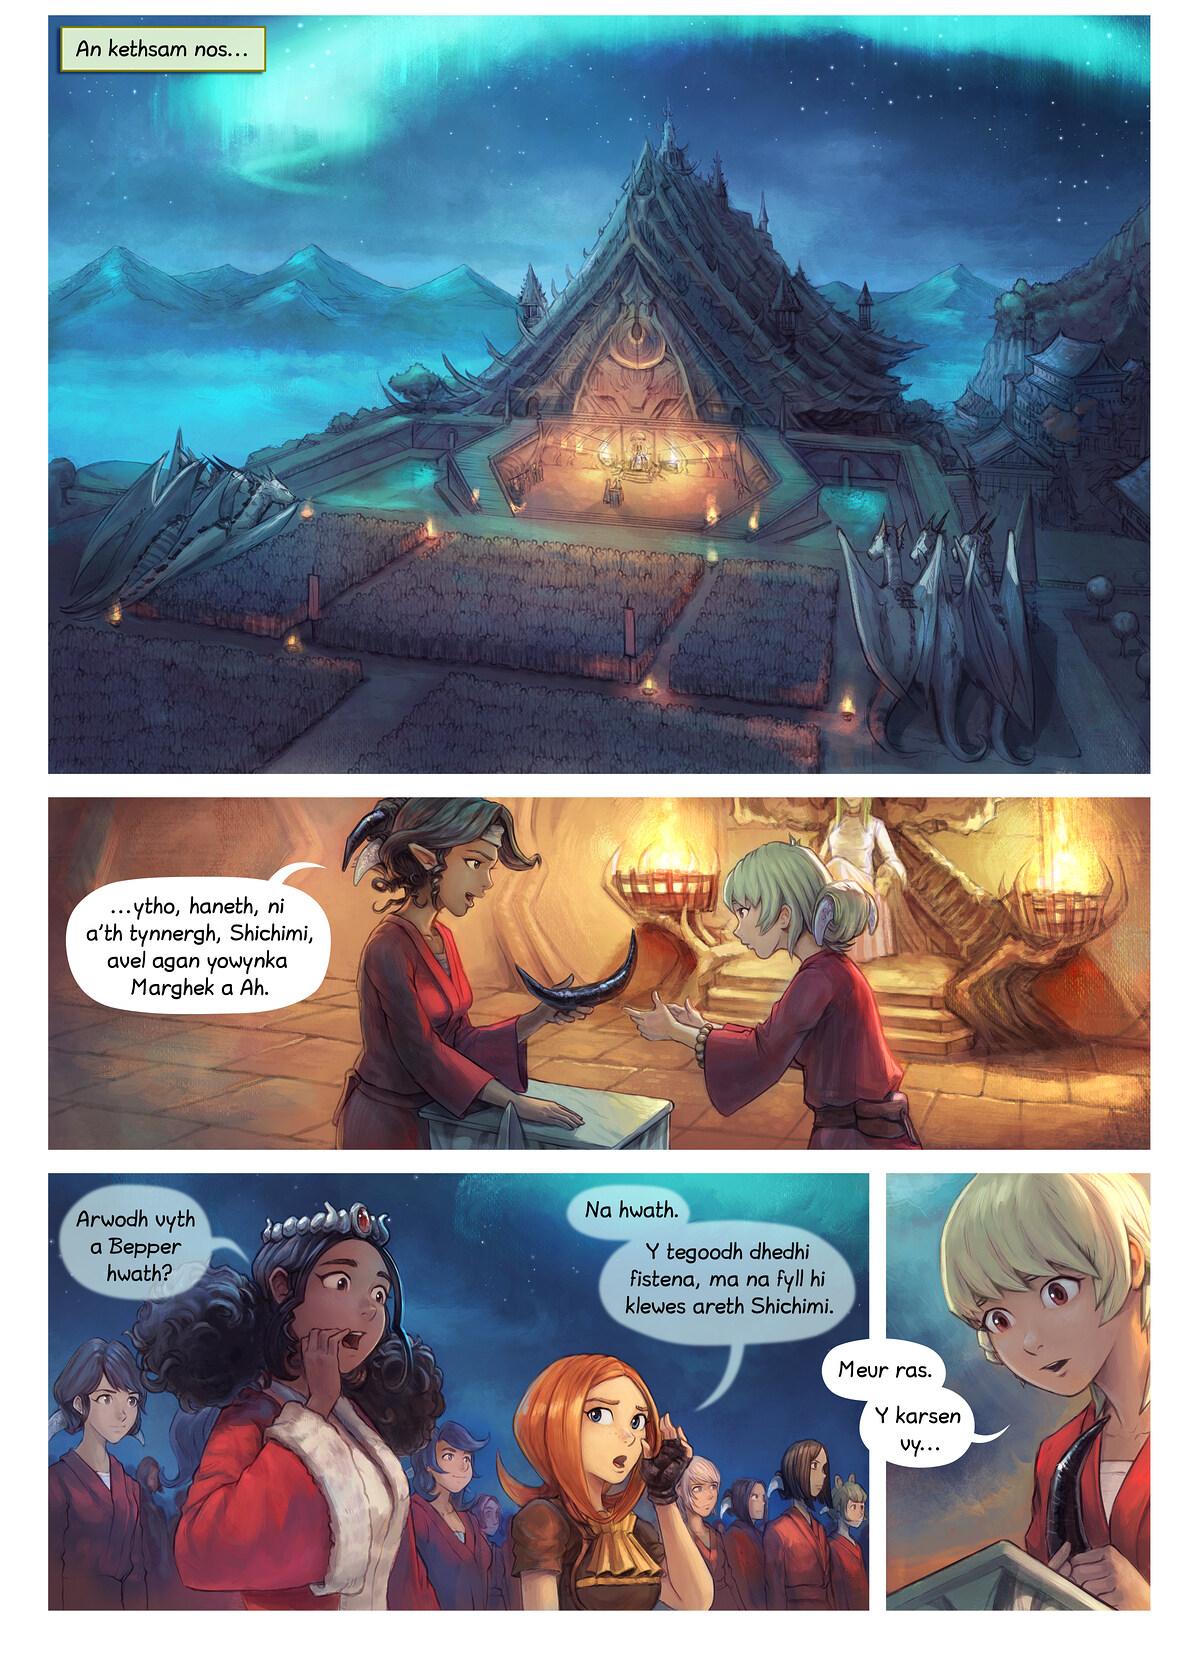 Rann 34: Urdhyans Shichimi yn Marghogieth, Page 1